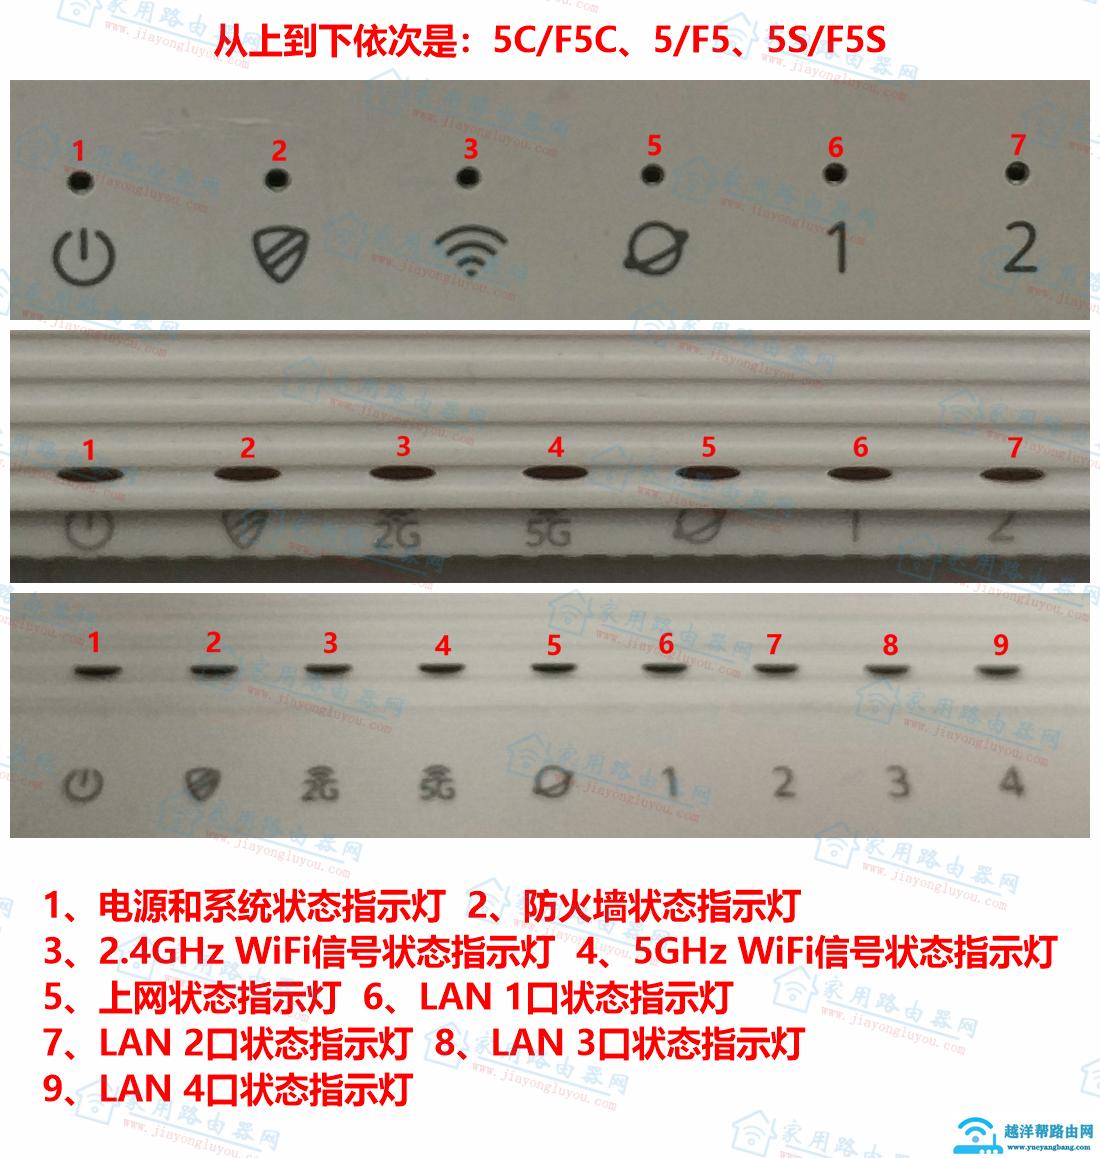 360家庭防火墙F5/5C/5S路由器指示灯功能差别对比【图解】